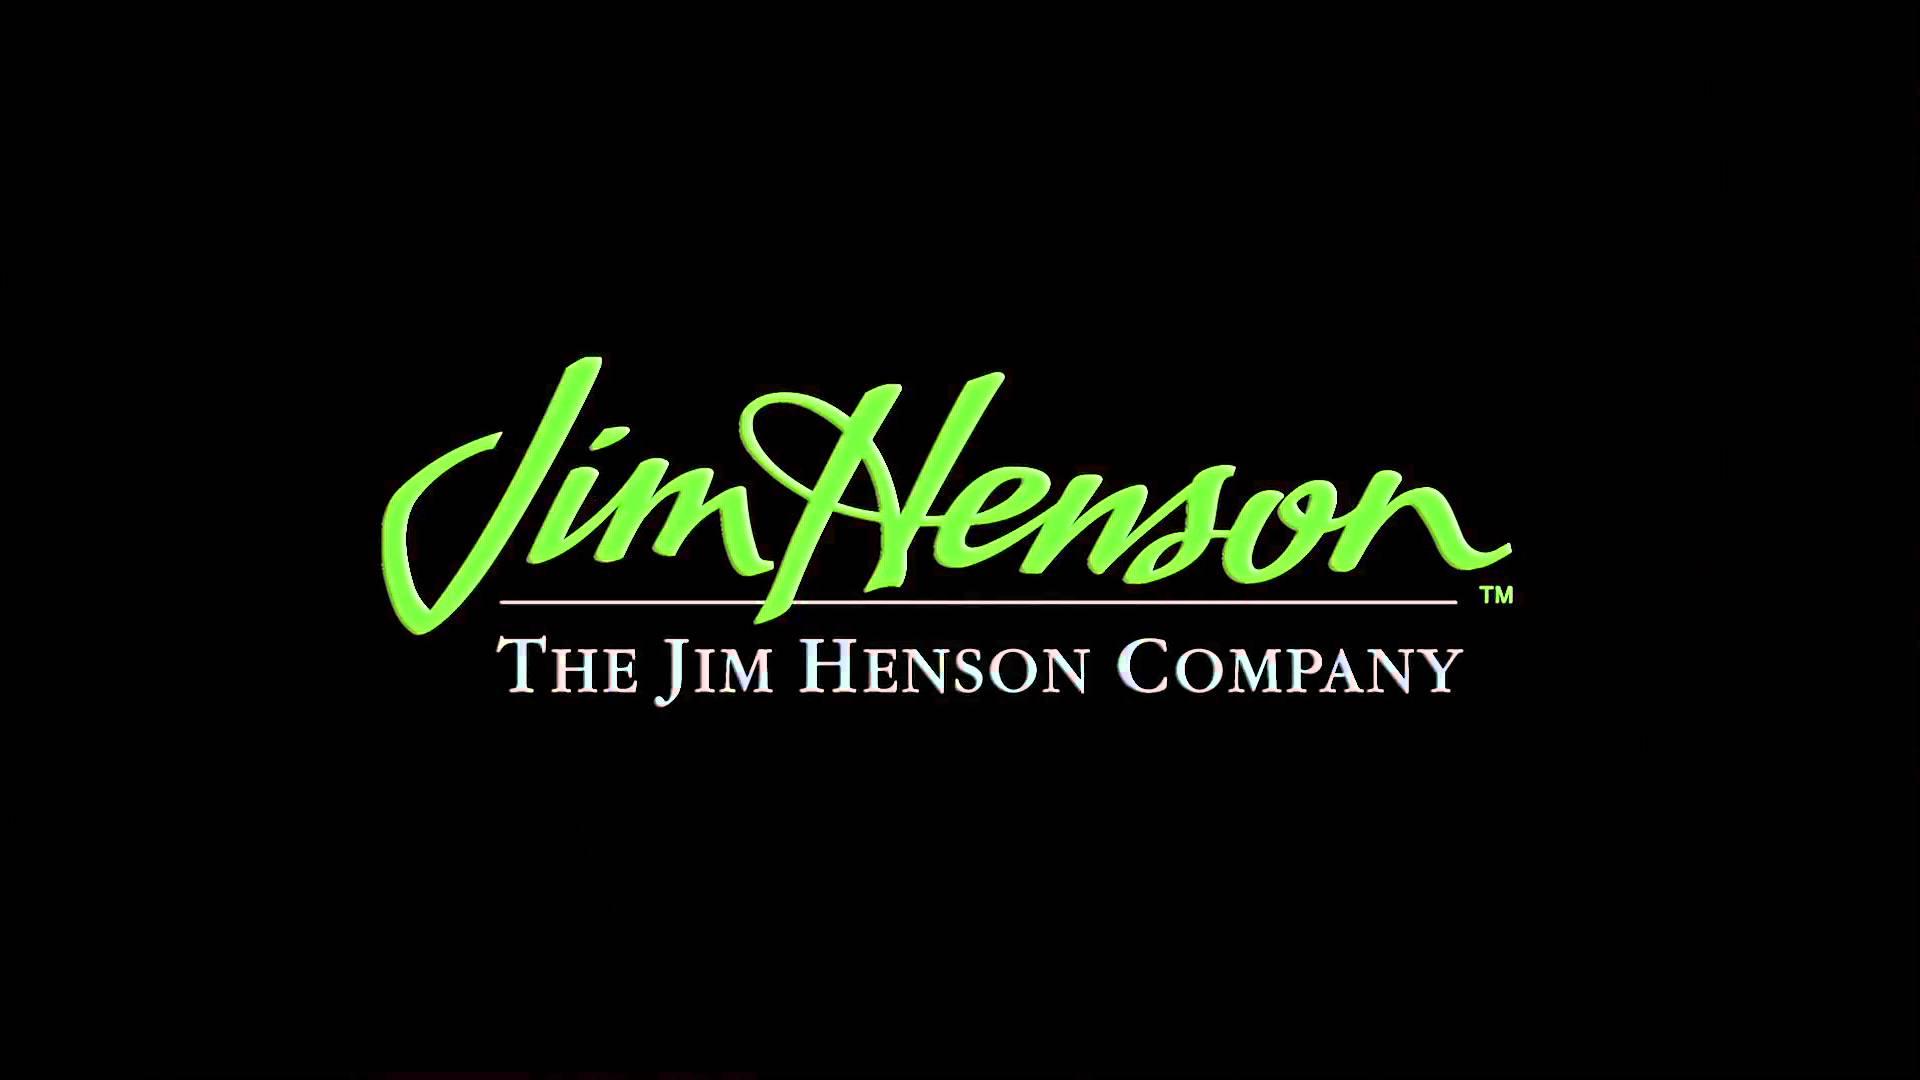 The Jim Henson Company Logos